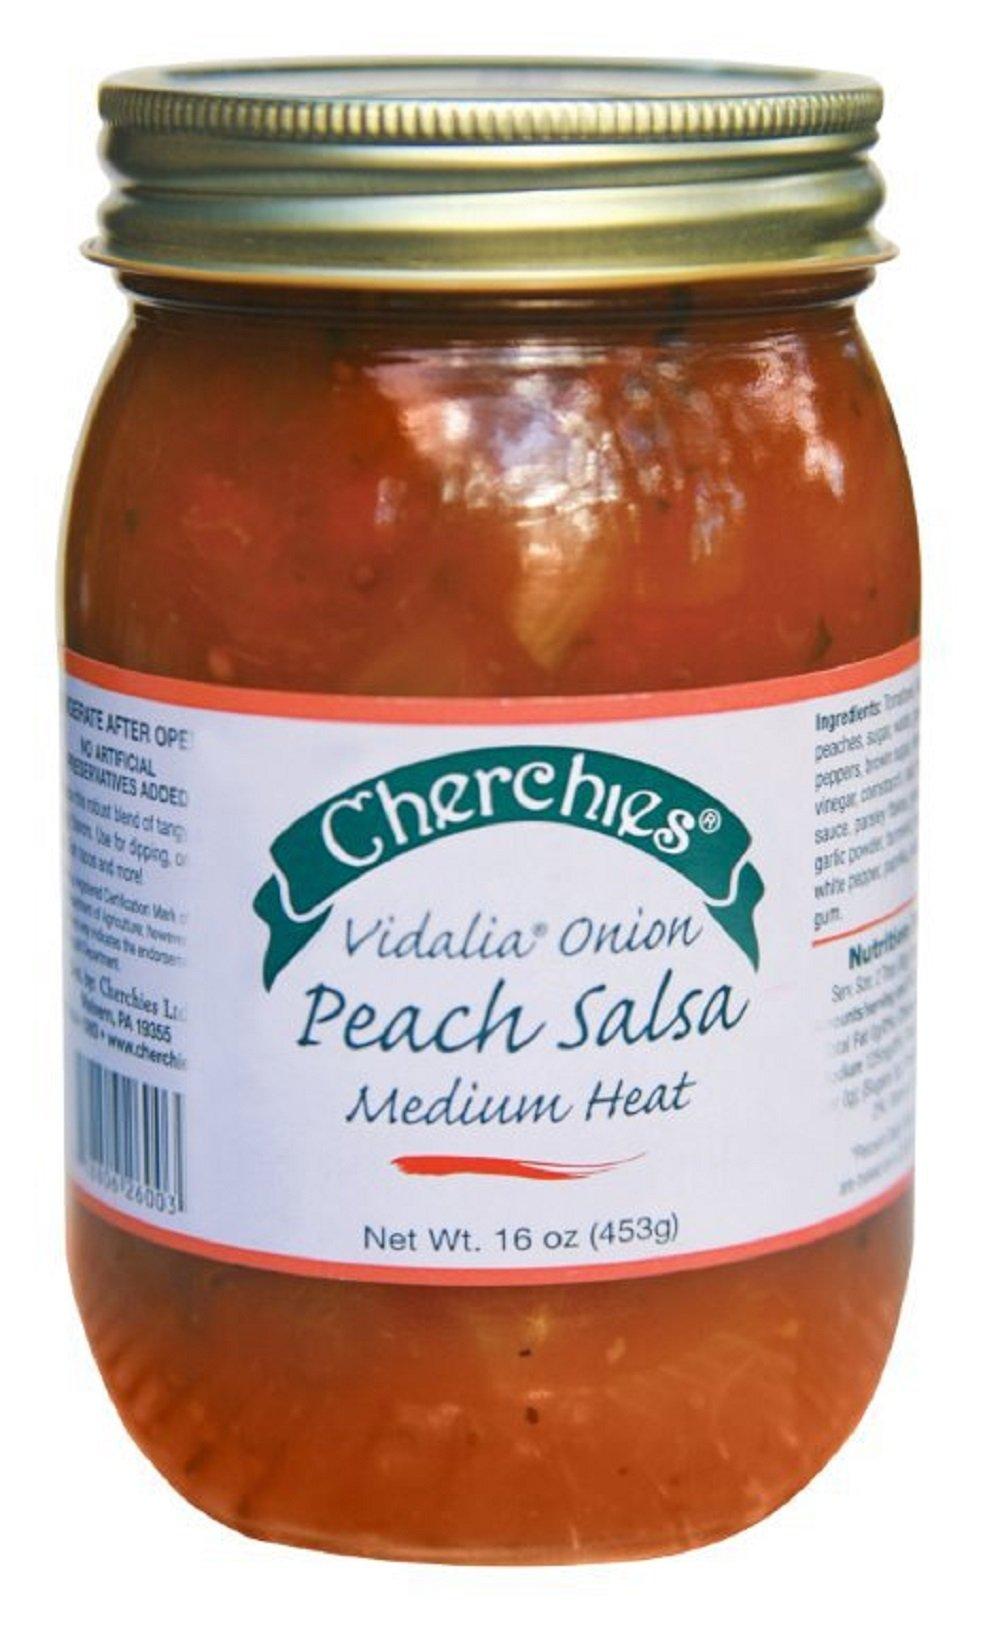 Cherchies Vidalia Onion Peach Salsa